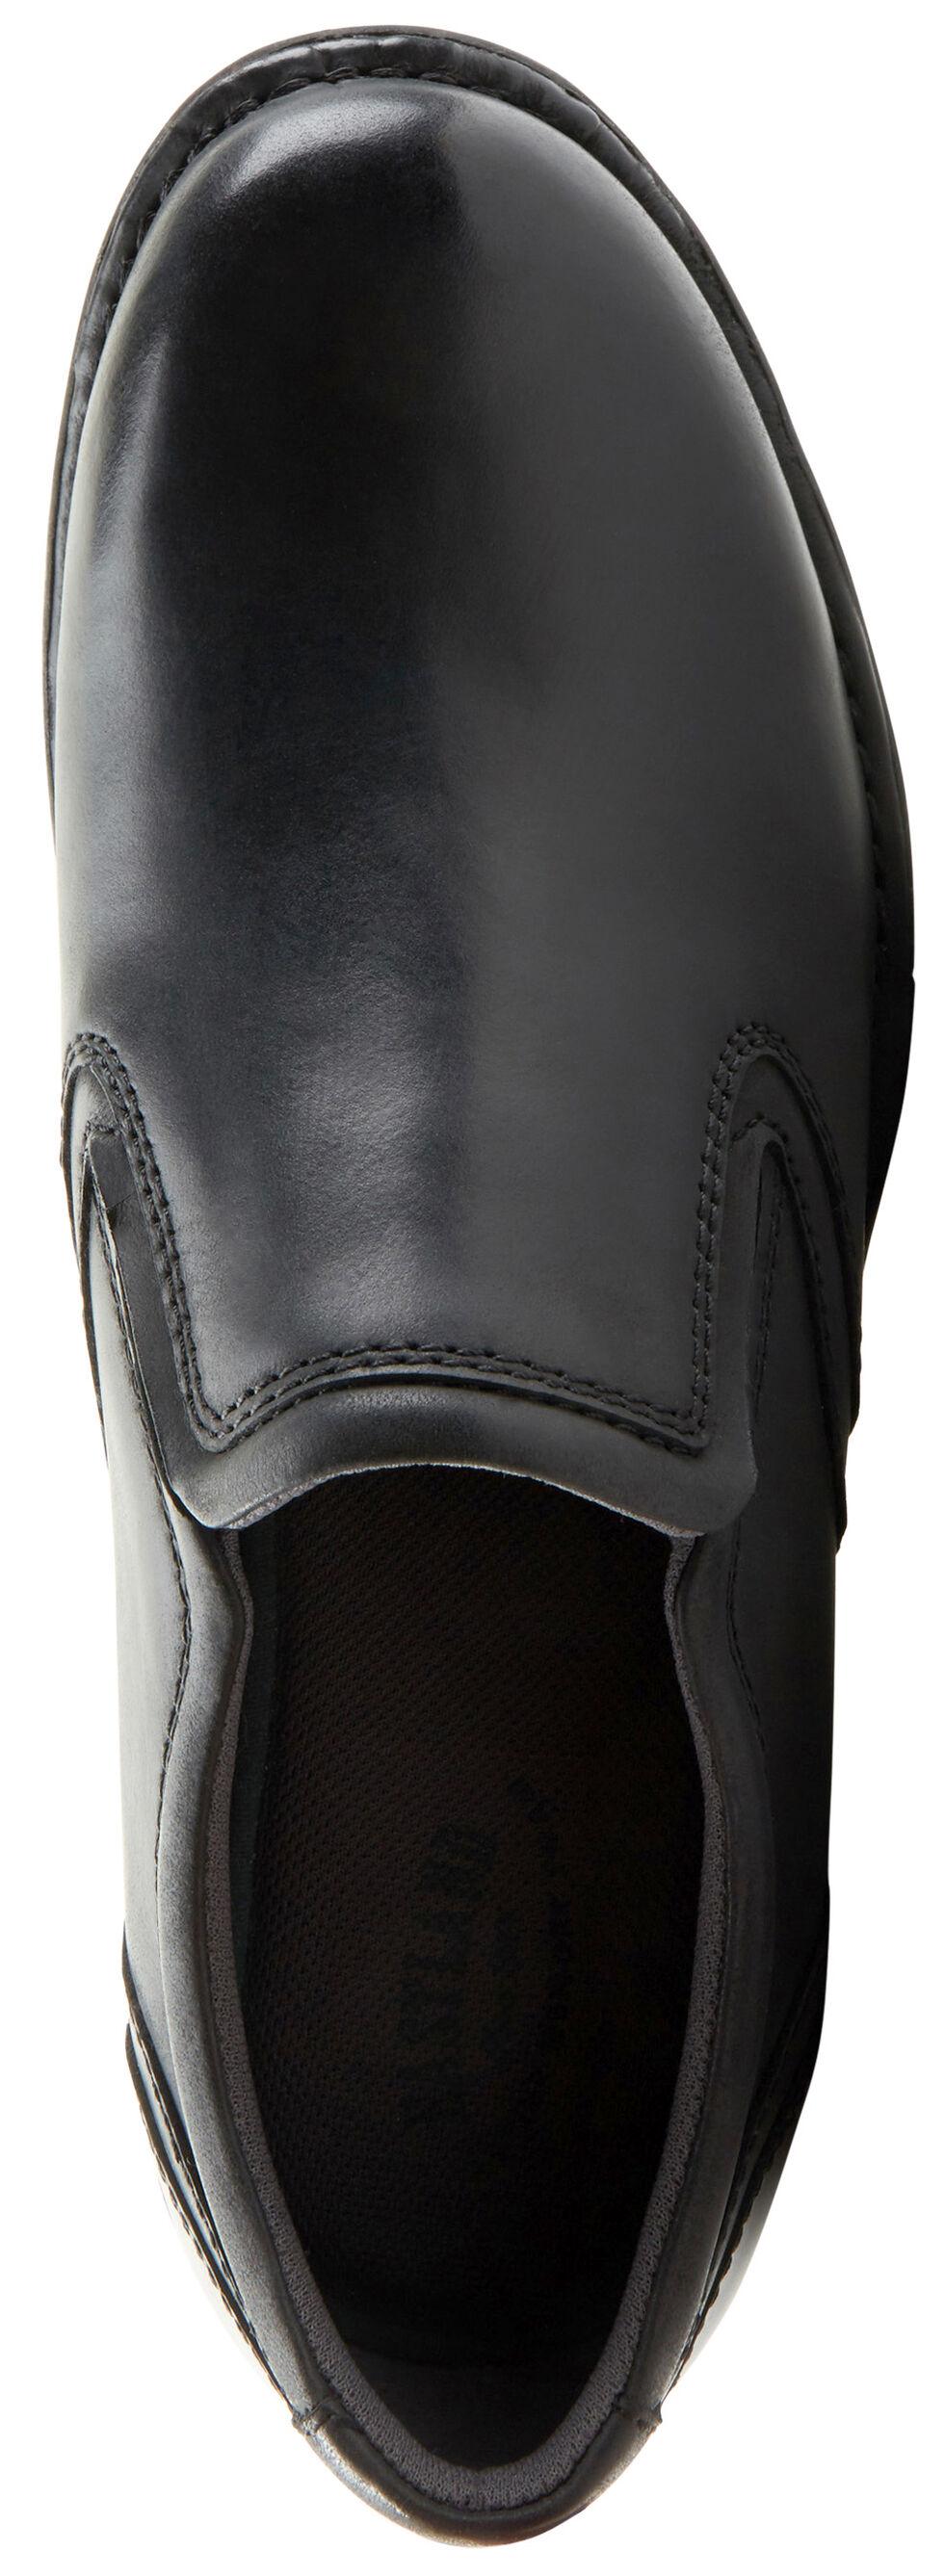 Eastland Men's Brown Cole Slip On Shoes, Black, hi-res